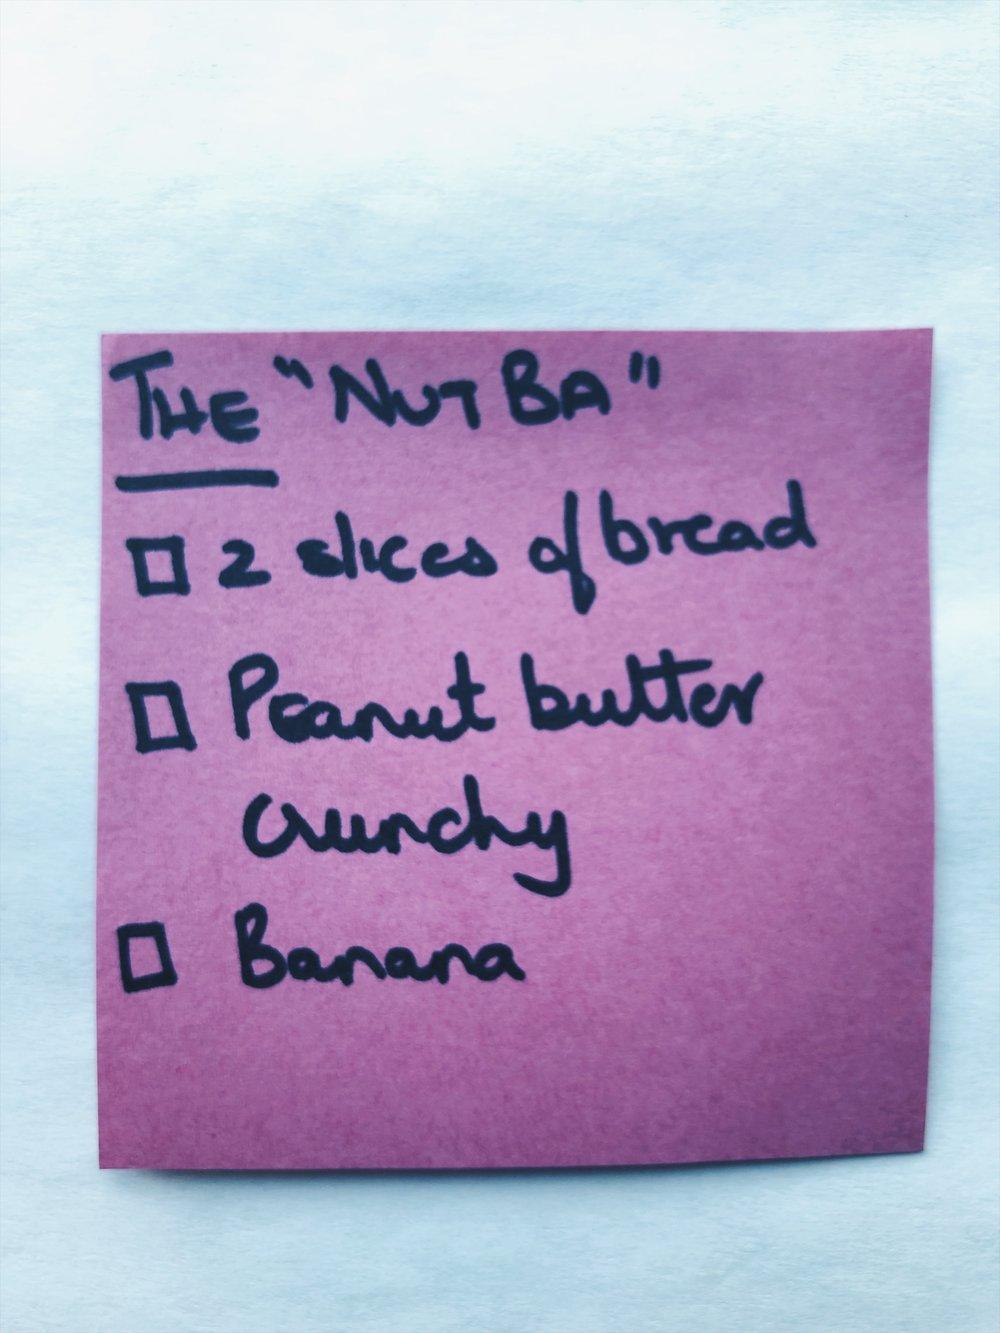 The nut-ba